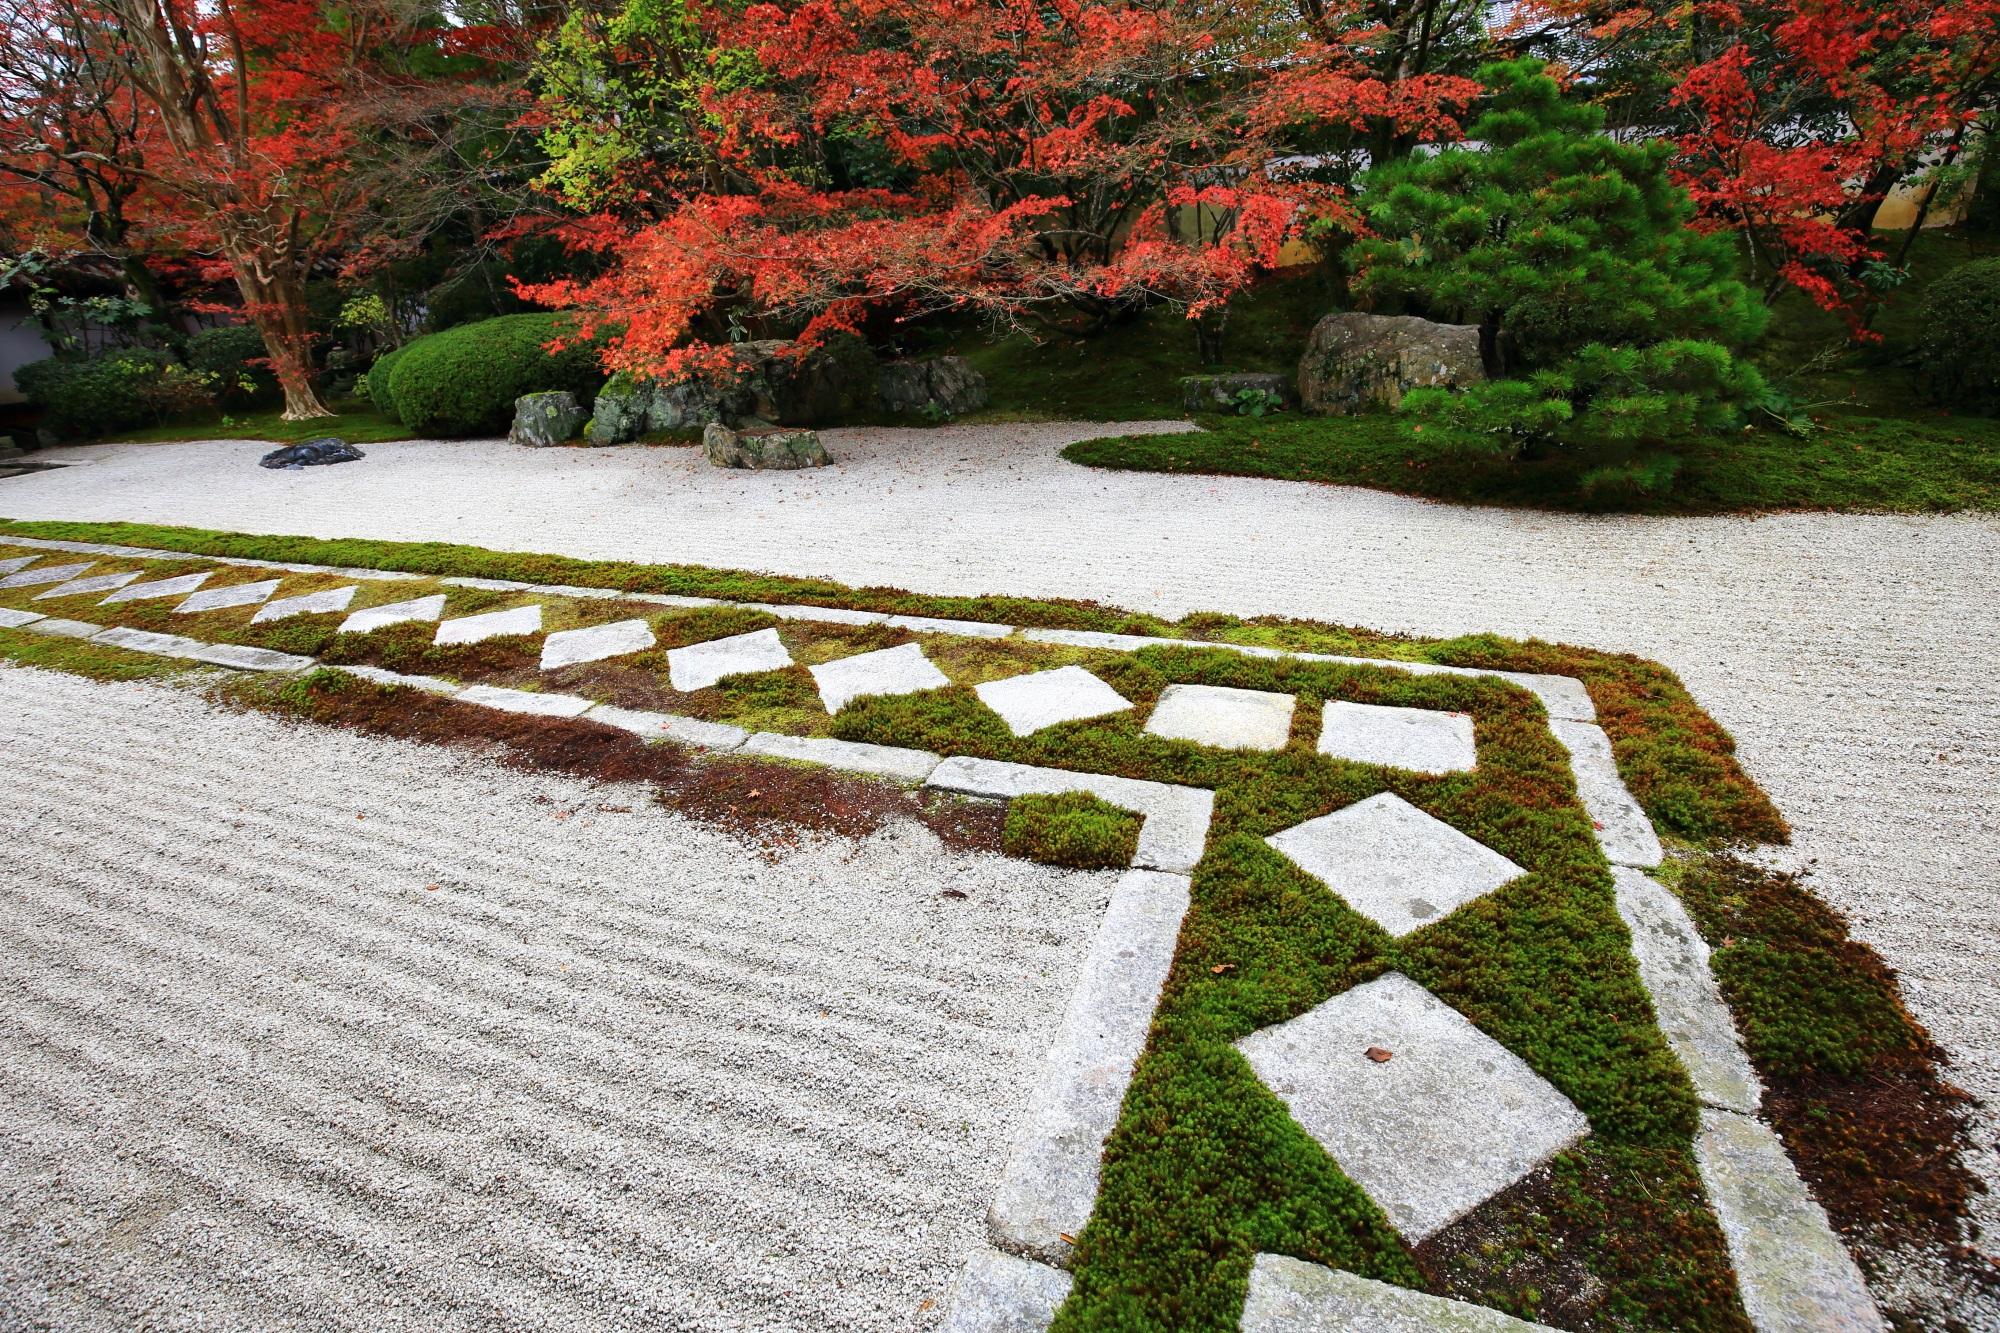 飛び石が特徴的な南禅寺天授庵の枯山水の本堂前庭園